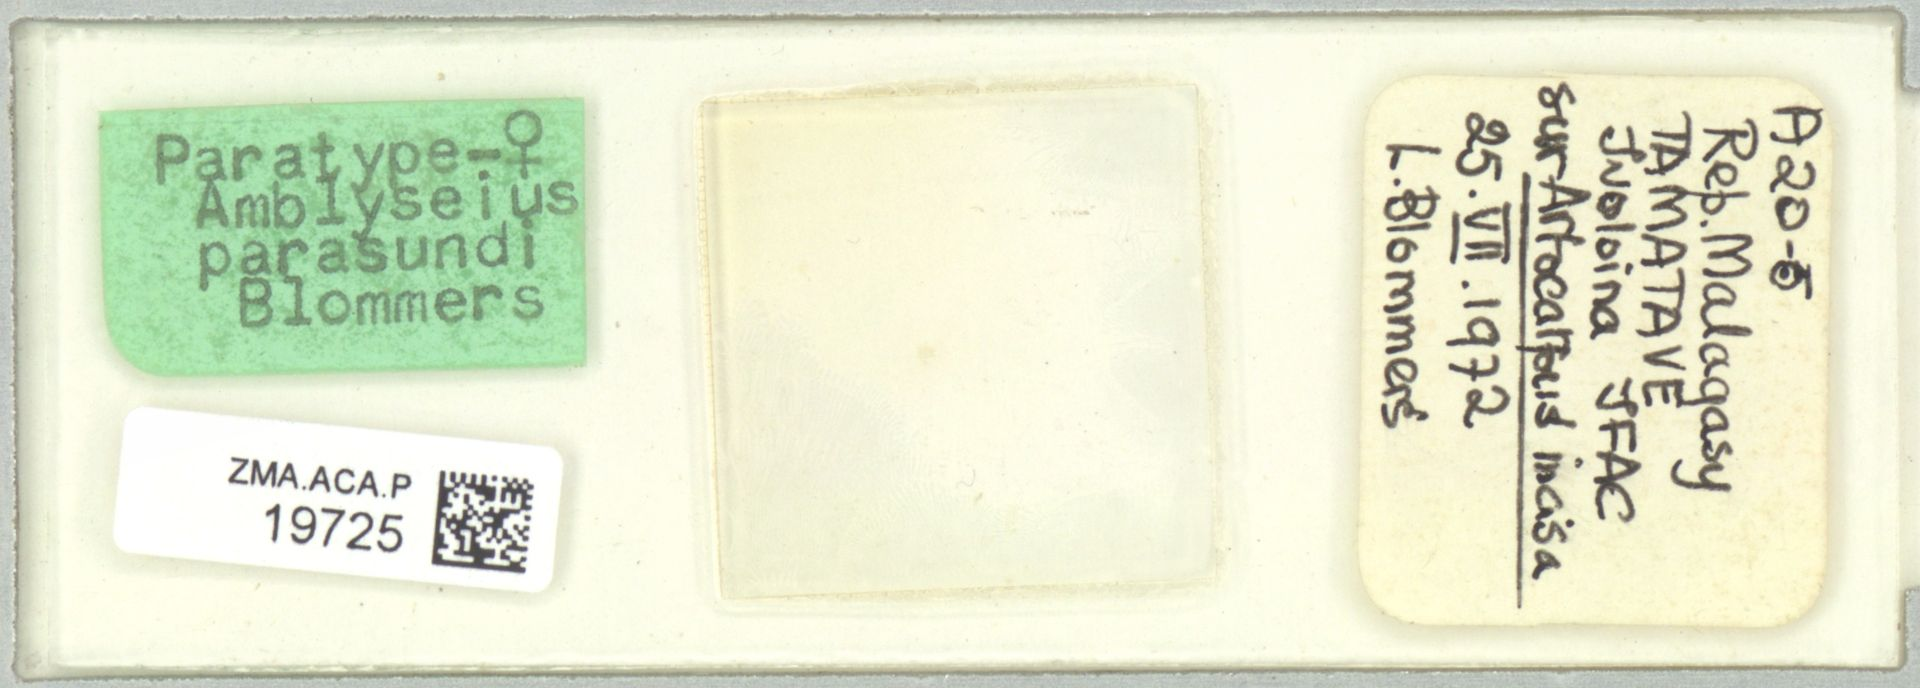 ZMA.ACA.P.19725 | Amblyseius parasundi